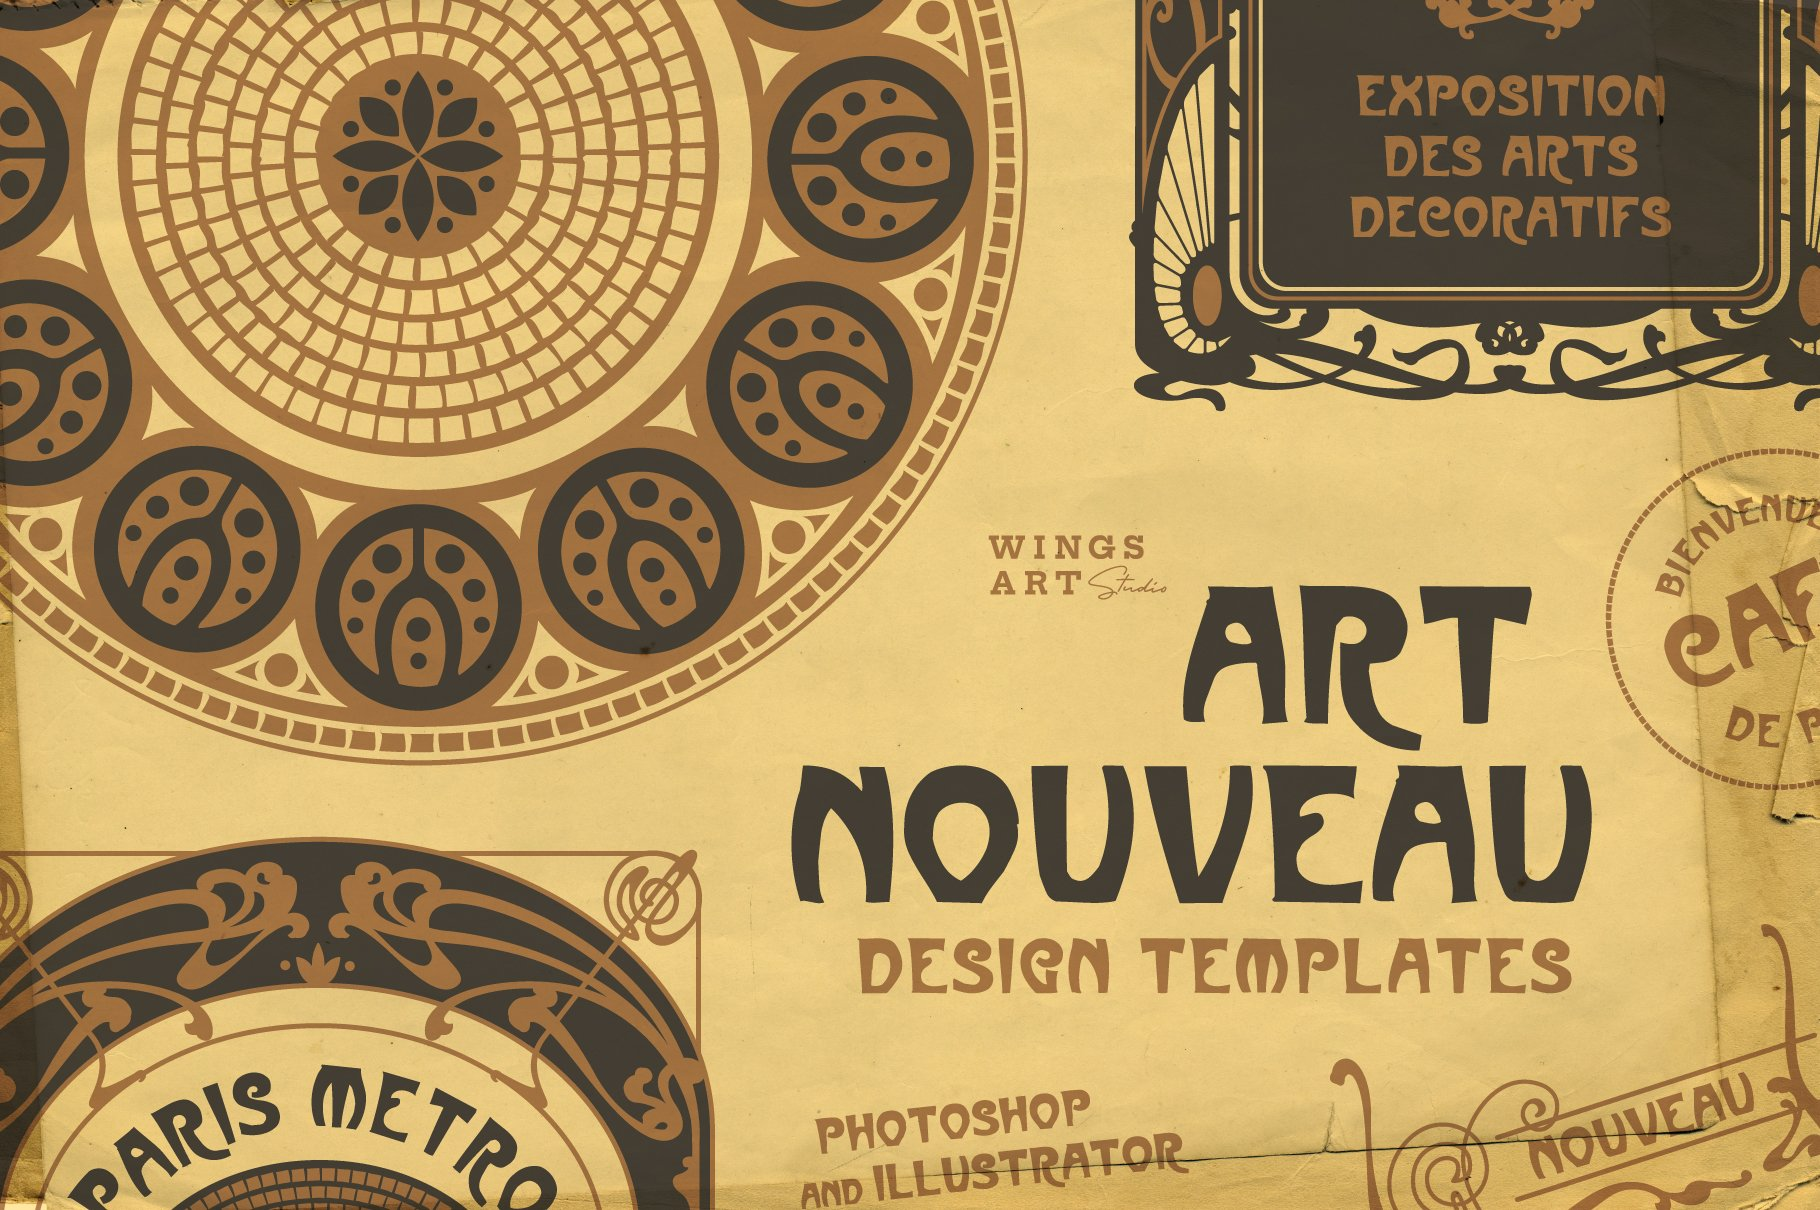 Vintage Art Nouveau Style Design Templates example image 1